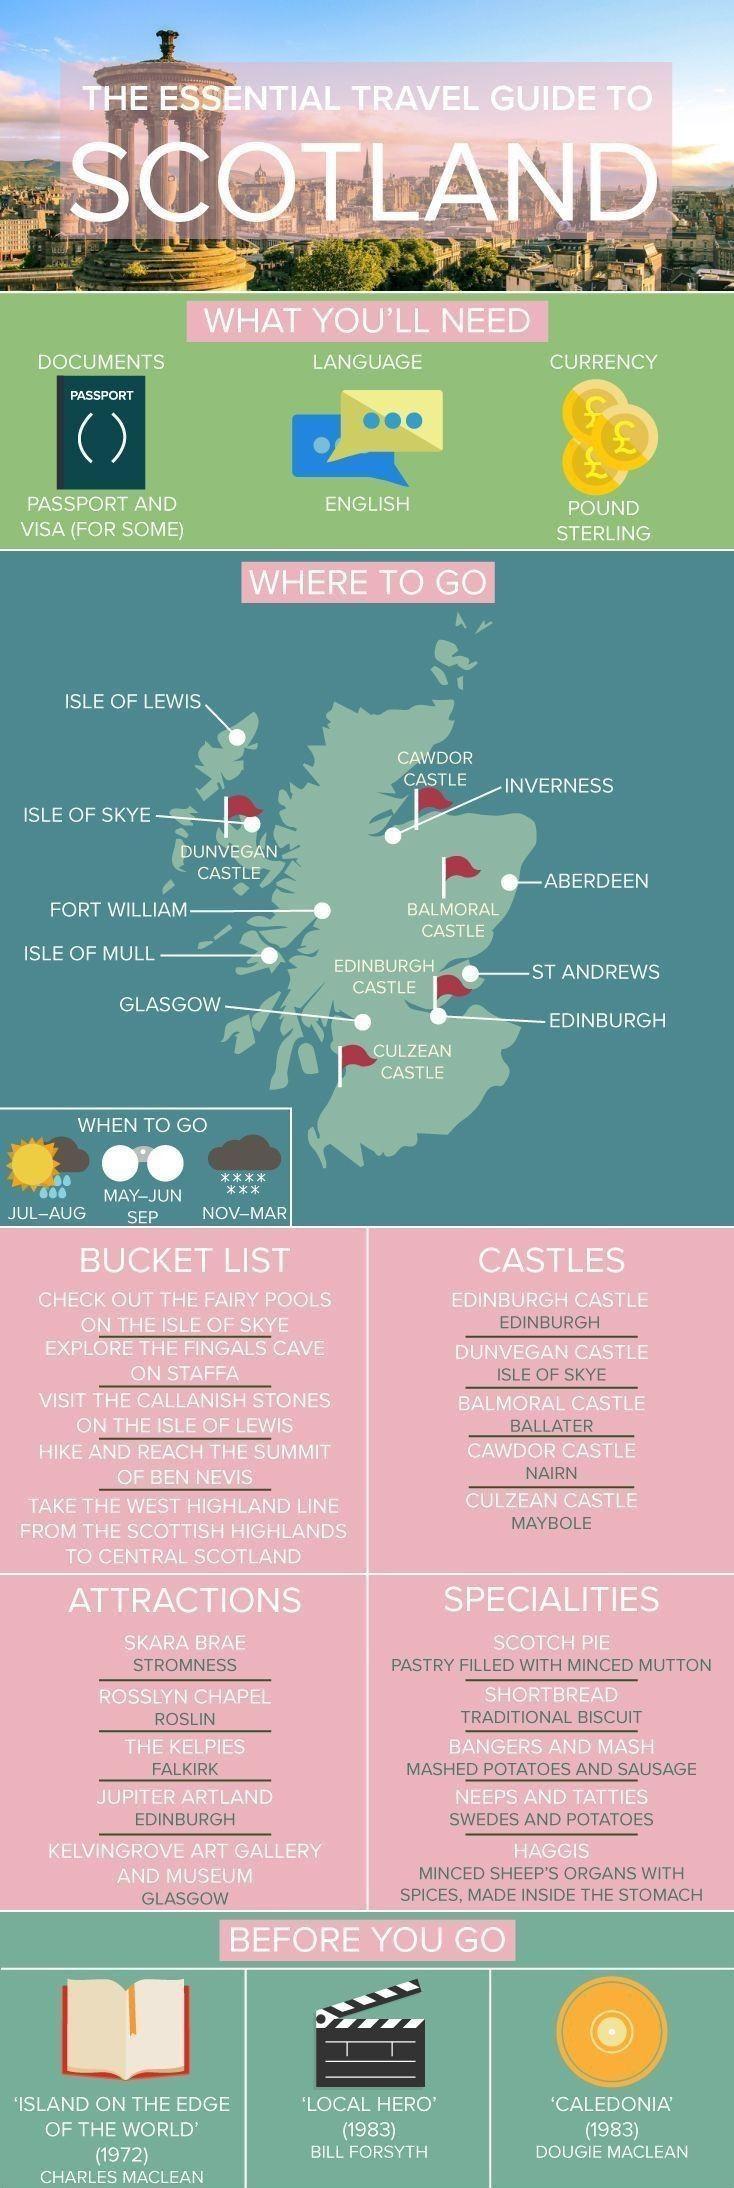 La guía de viaje esencial a Escocia ❤❤